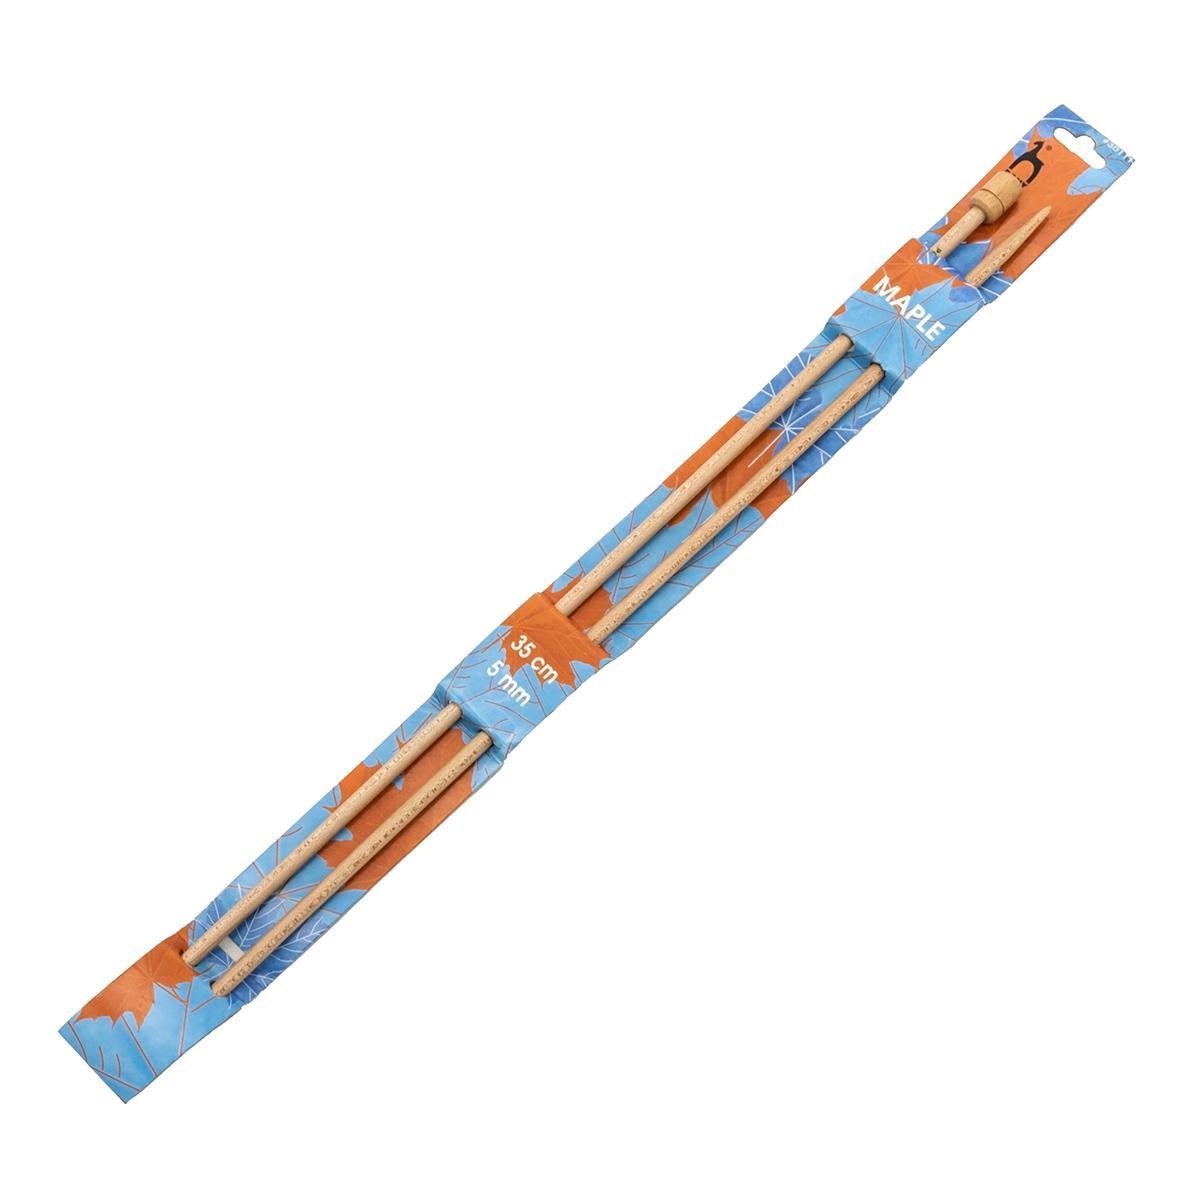 30111 Спицы прямые 5,00 мм/ 35 см, клен, 2 шт PONY